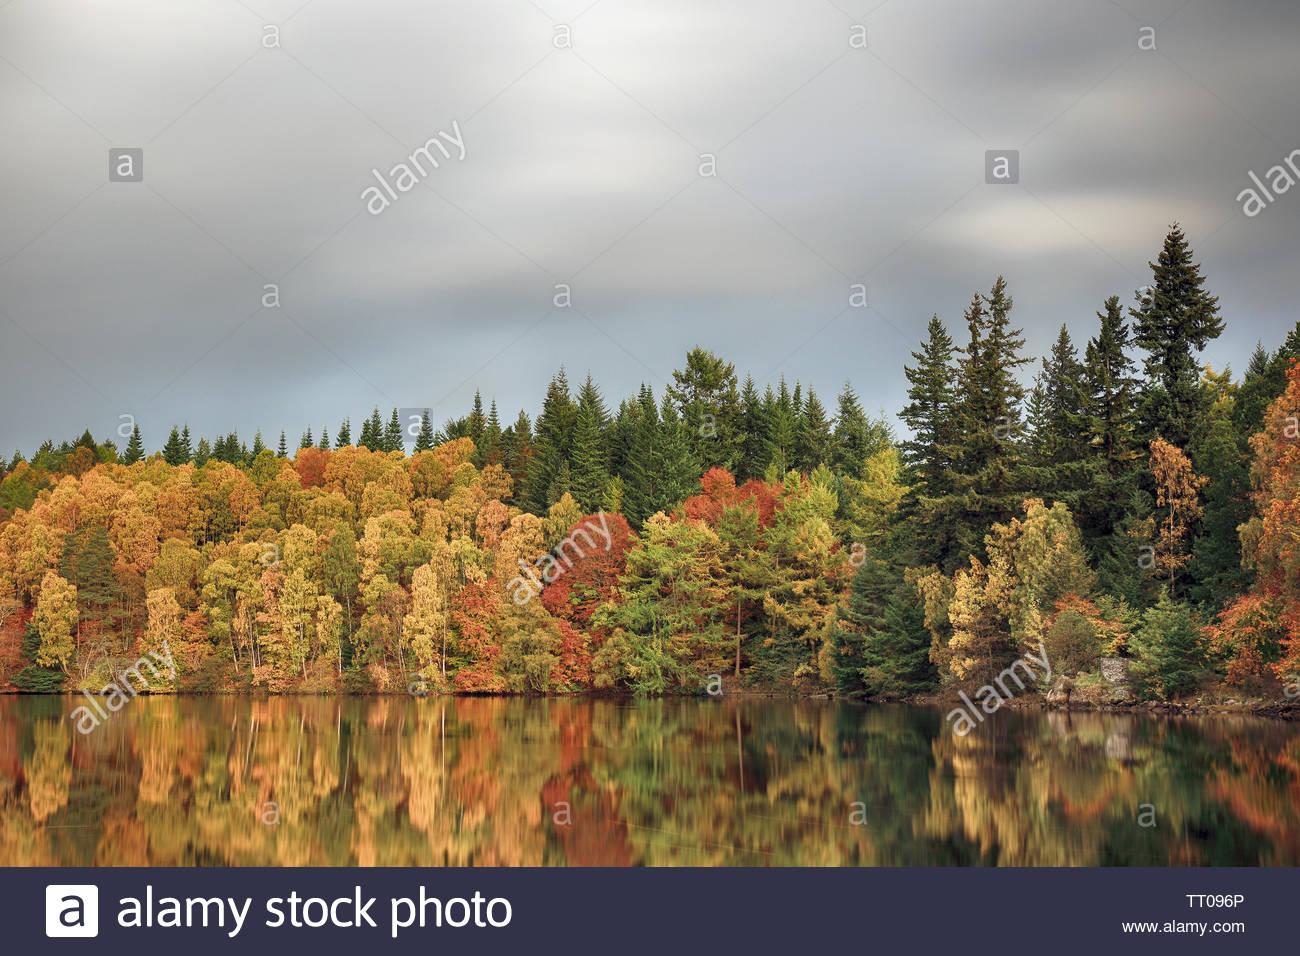 Une longue exposition d'obturation de l'automne coloré arbres se reflétant sur une rivière. Banque D'Images